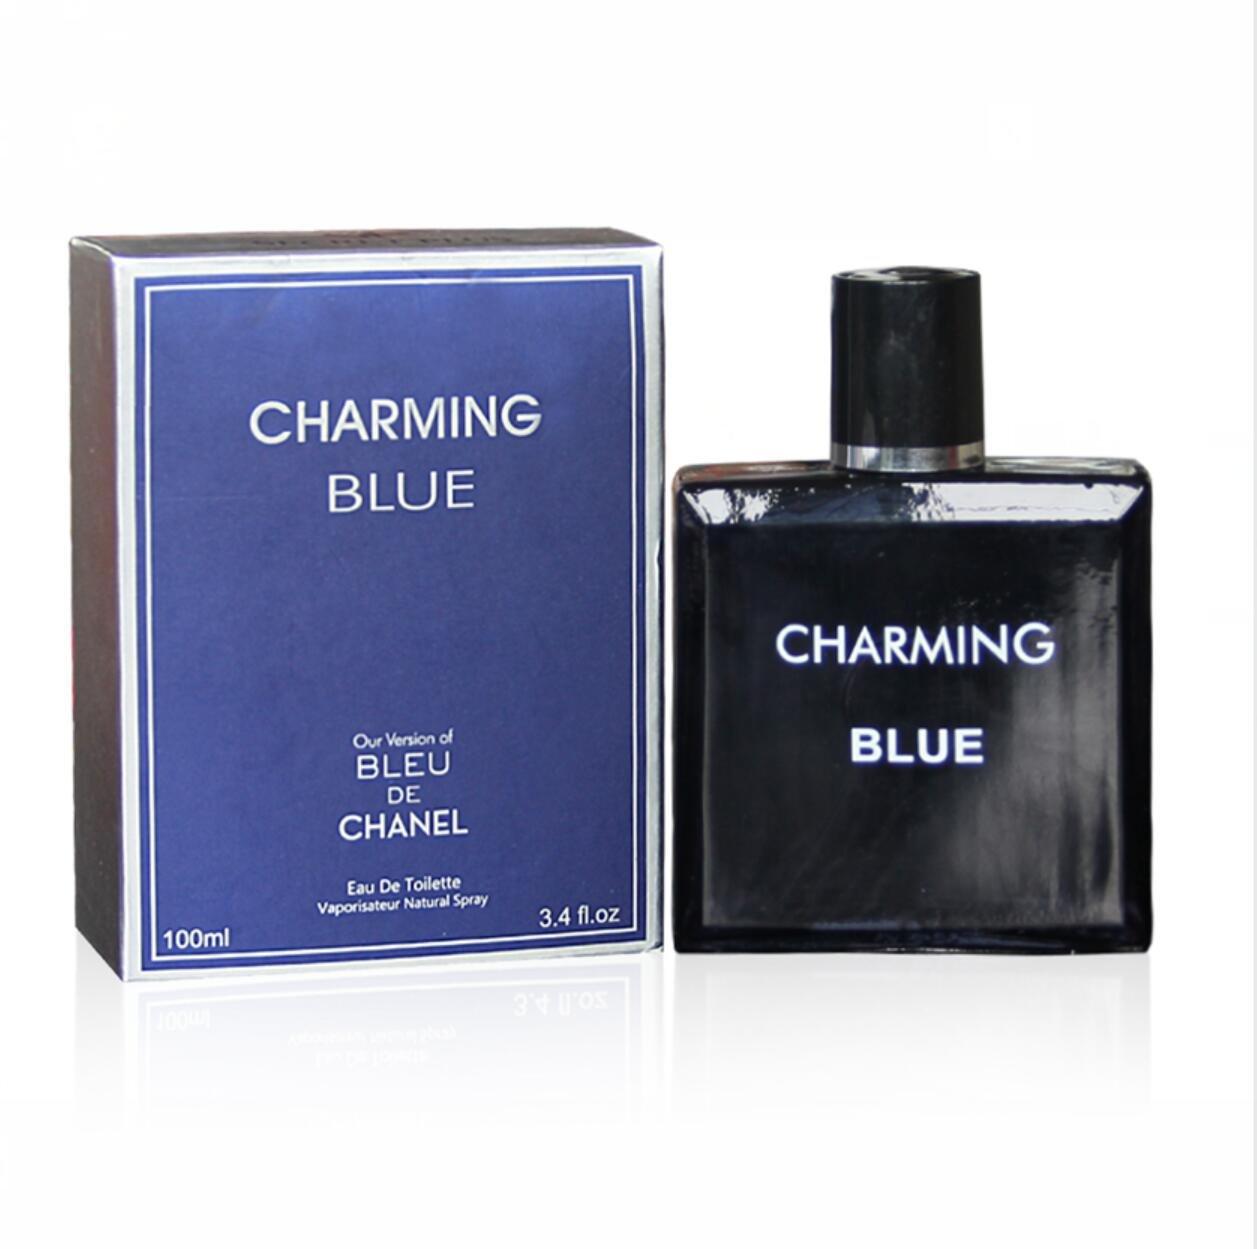 e1519e17 Amazon.com : Perfume King 2019 NEW YORK NITE, Our Inspiration of ...